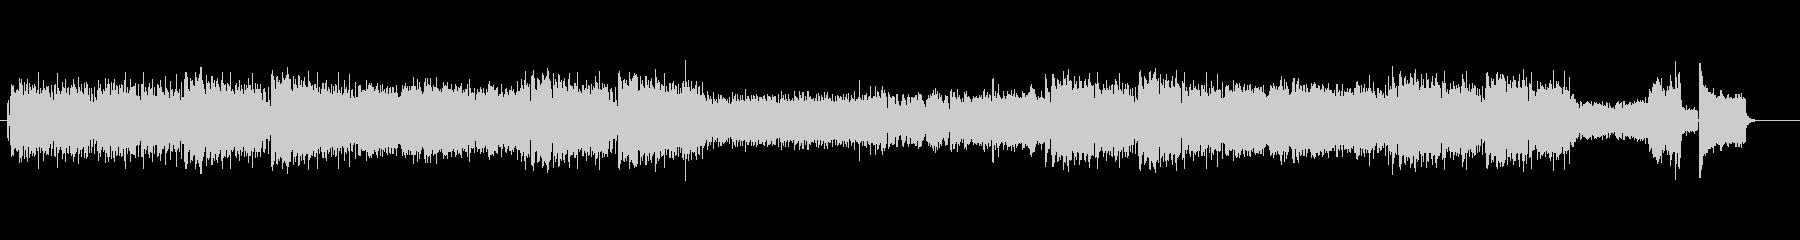 ミュートトランペットの軽快なジャズ曲の未再生の波形